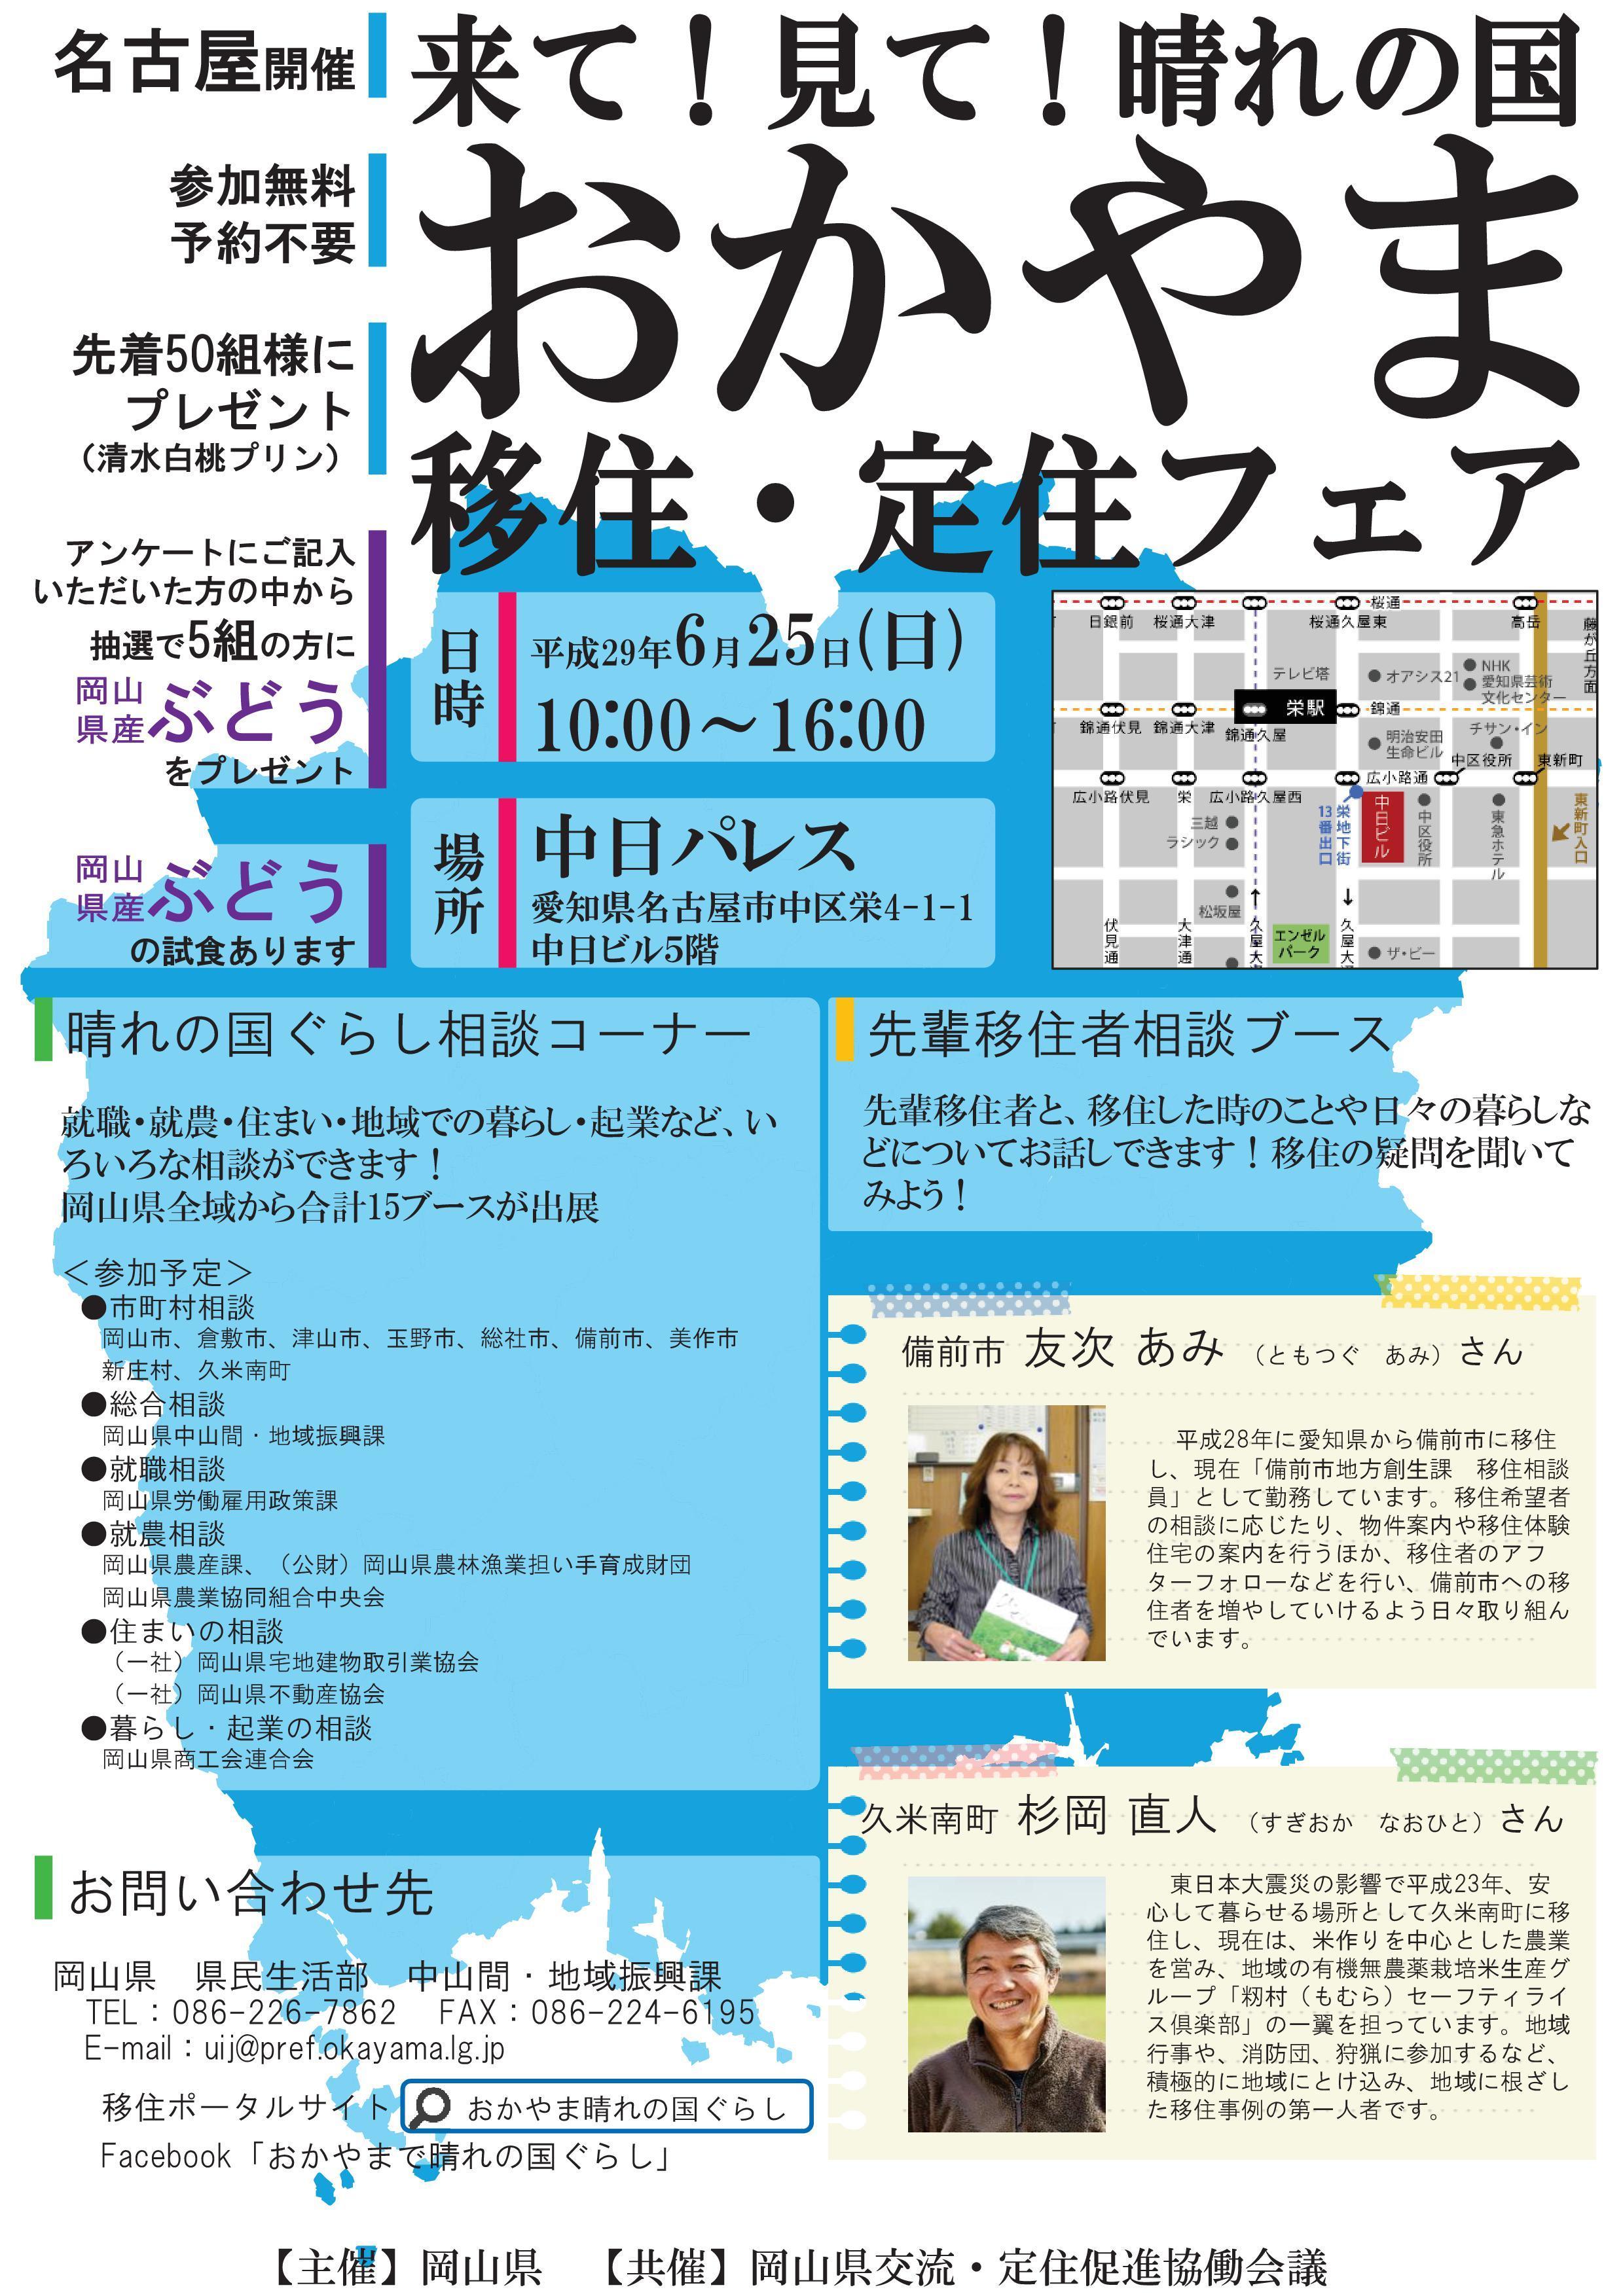 2017年6月25日(日)来て!見て!晴れの国おかやま移住・定住フェア2017に津山市も参加します